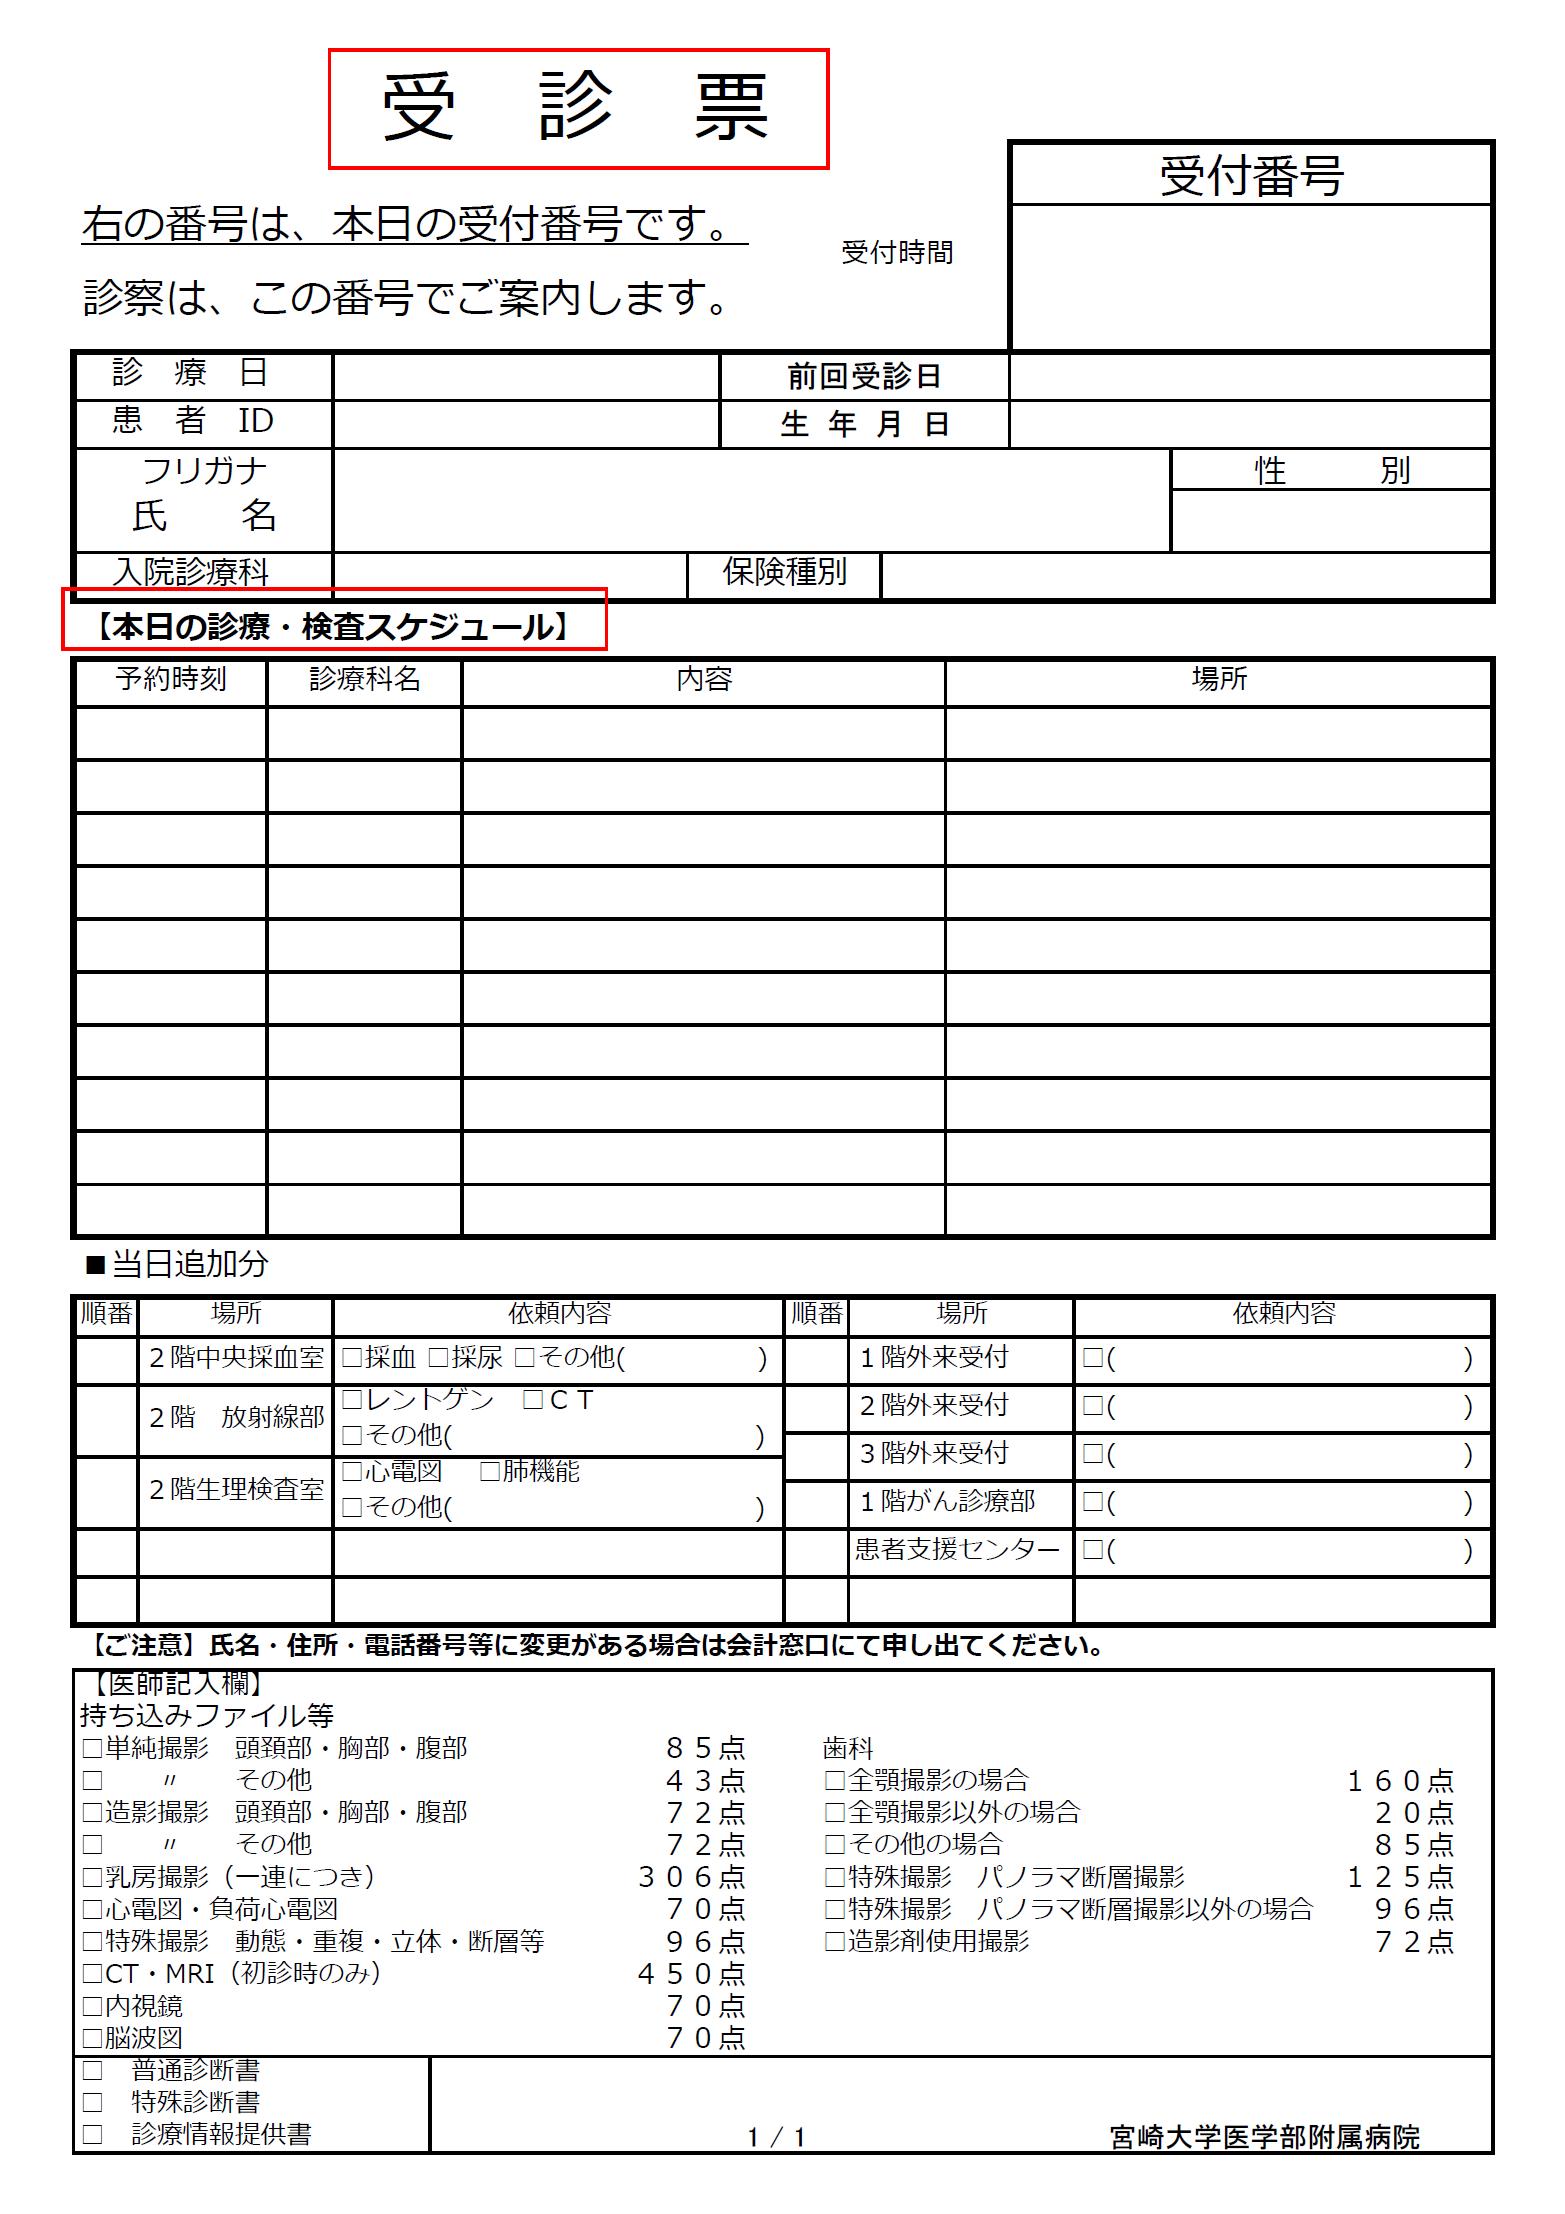 シネマ 宮崎 予約 セントラル